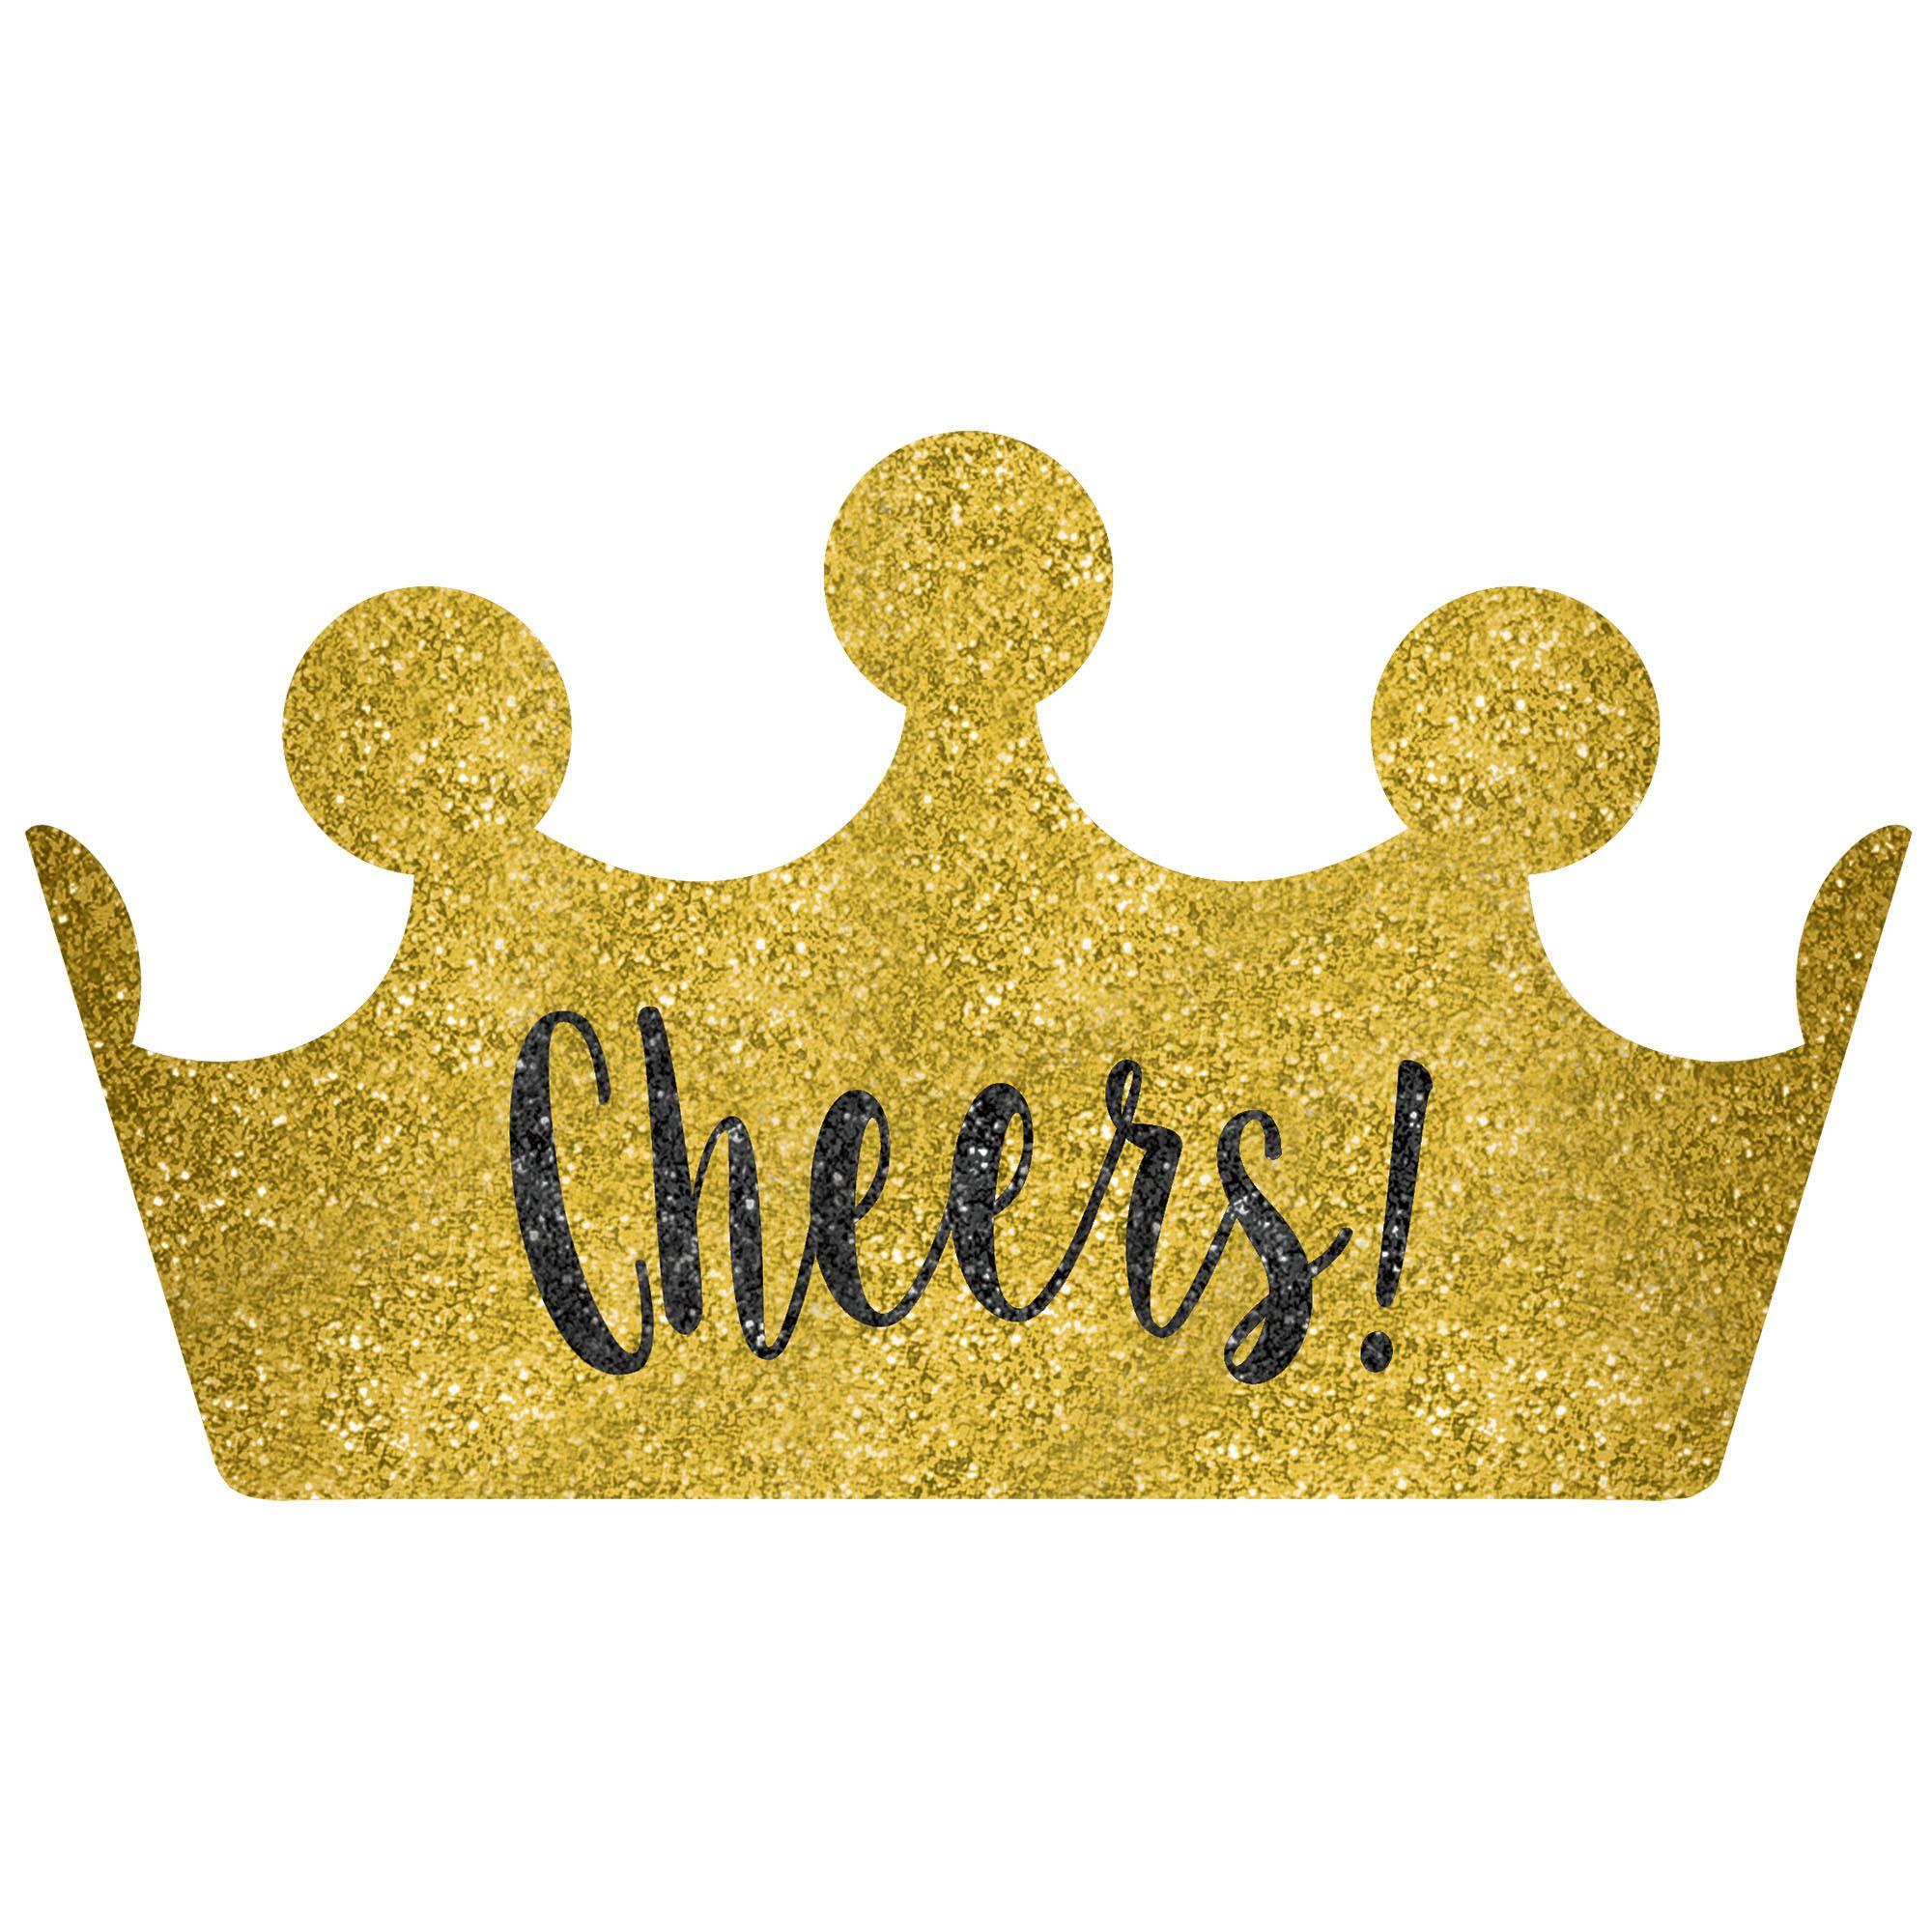 New Years Crown BSG